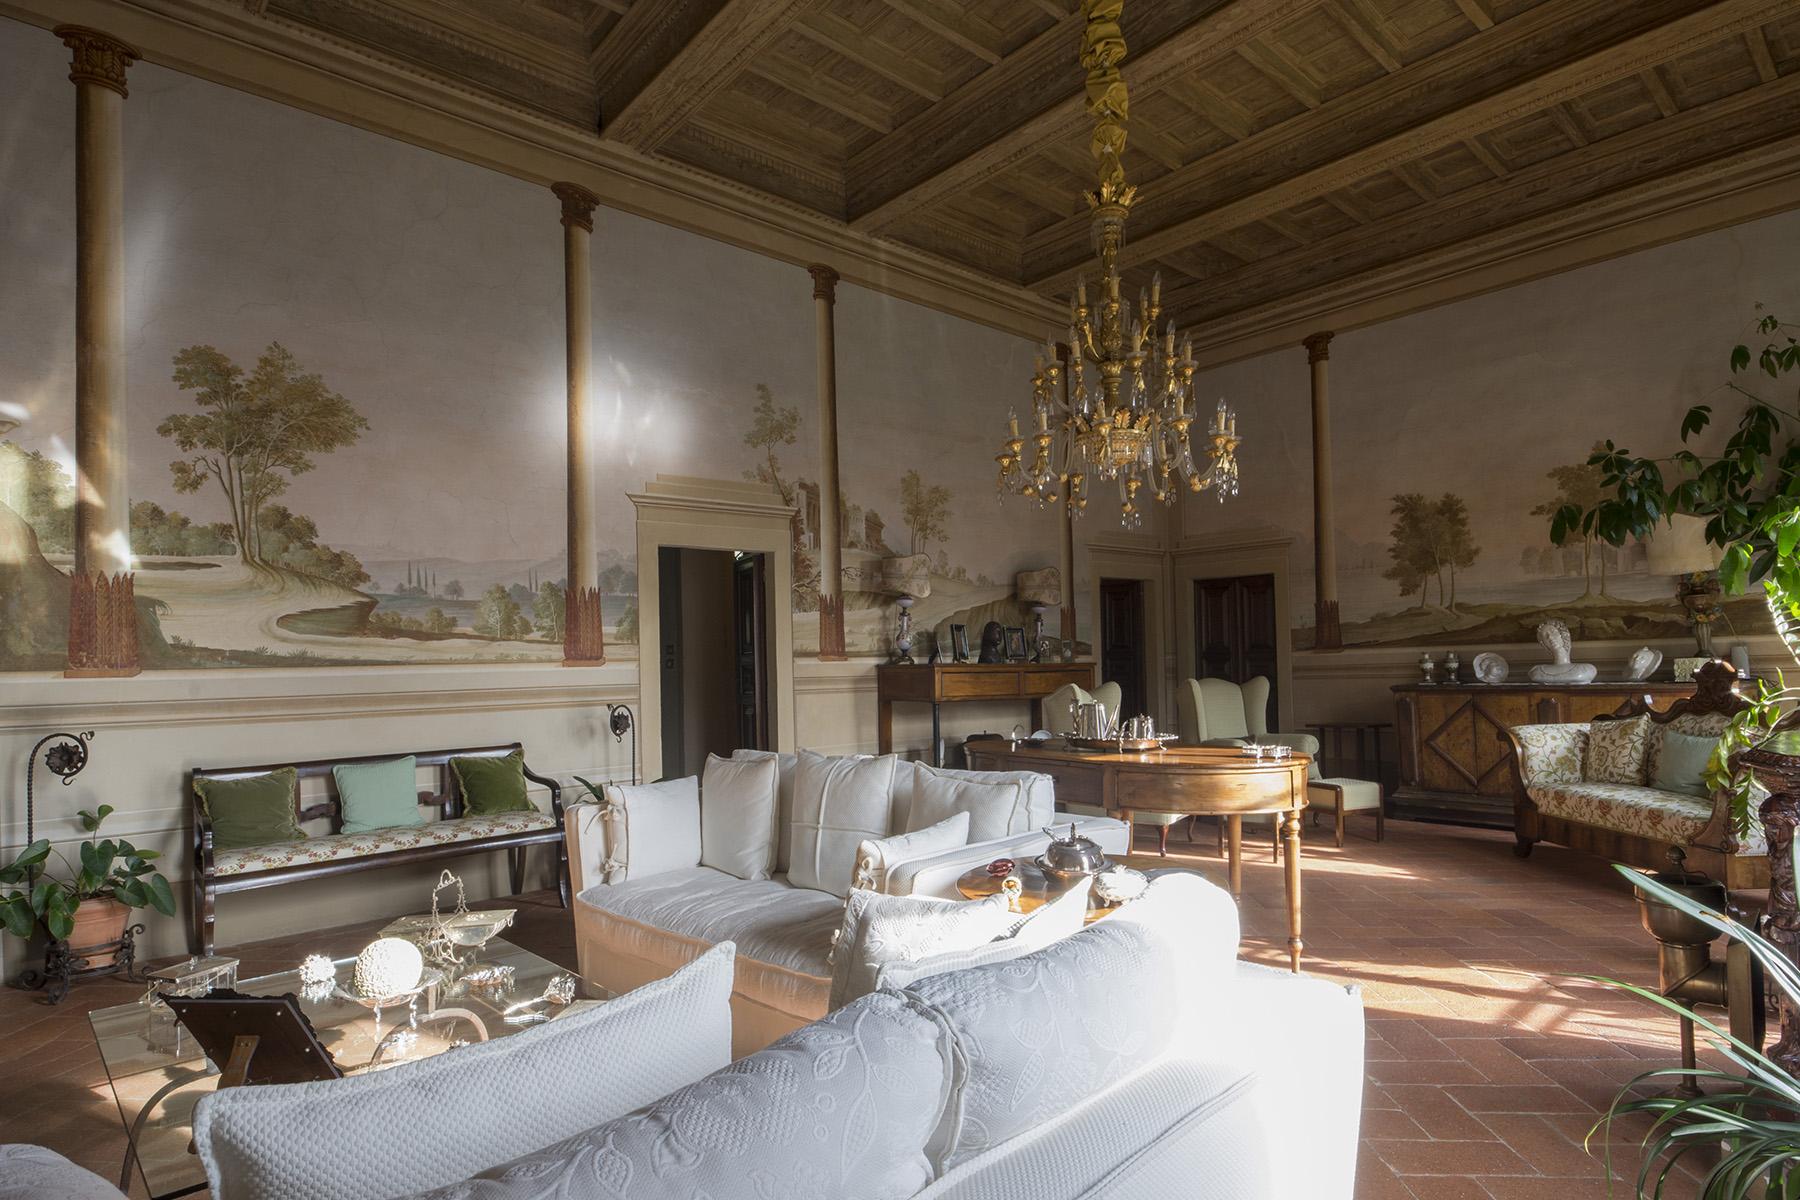 Casa indipendente in Vendita a Pistoia: 5 locali, 500 mq - Foto 1